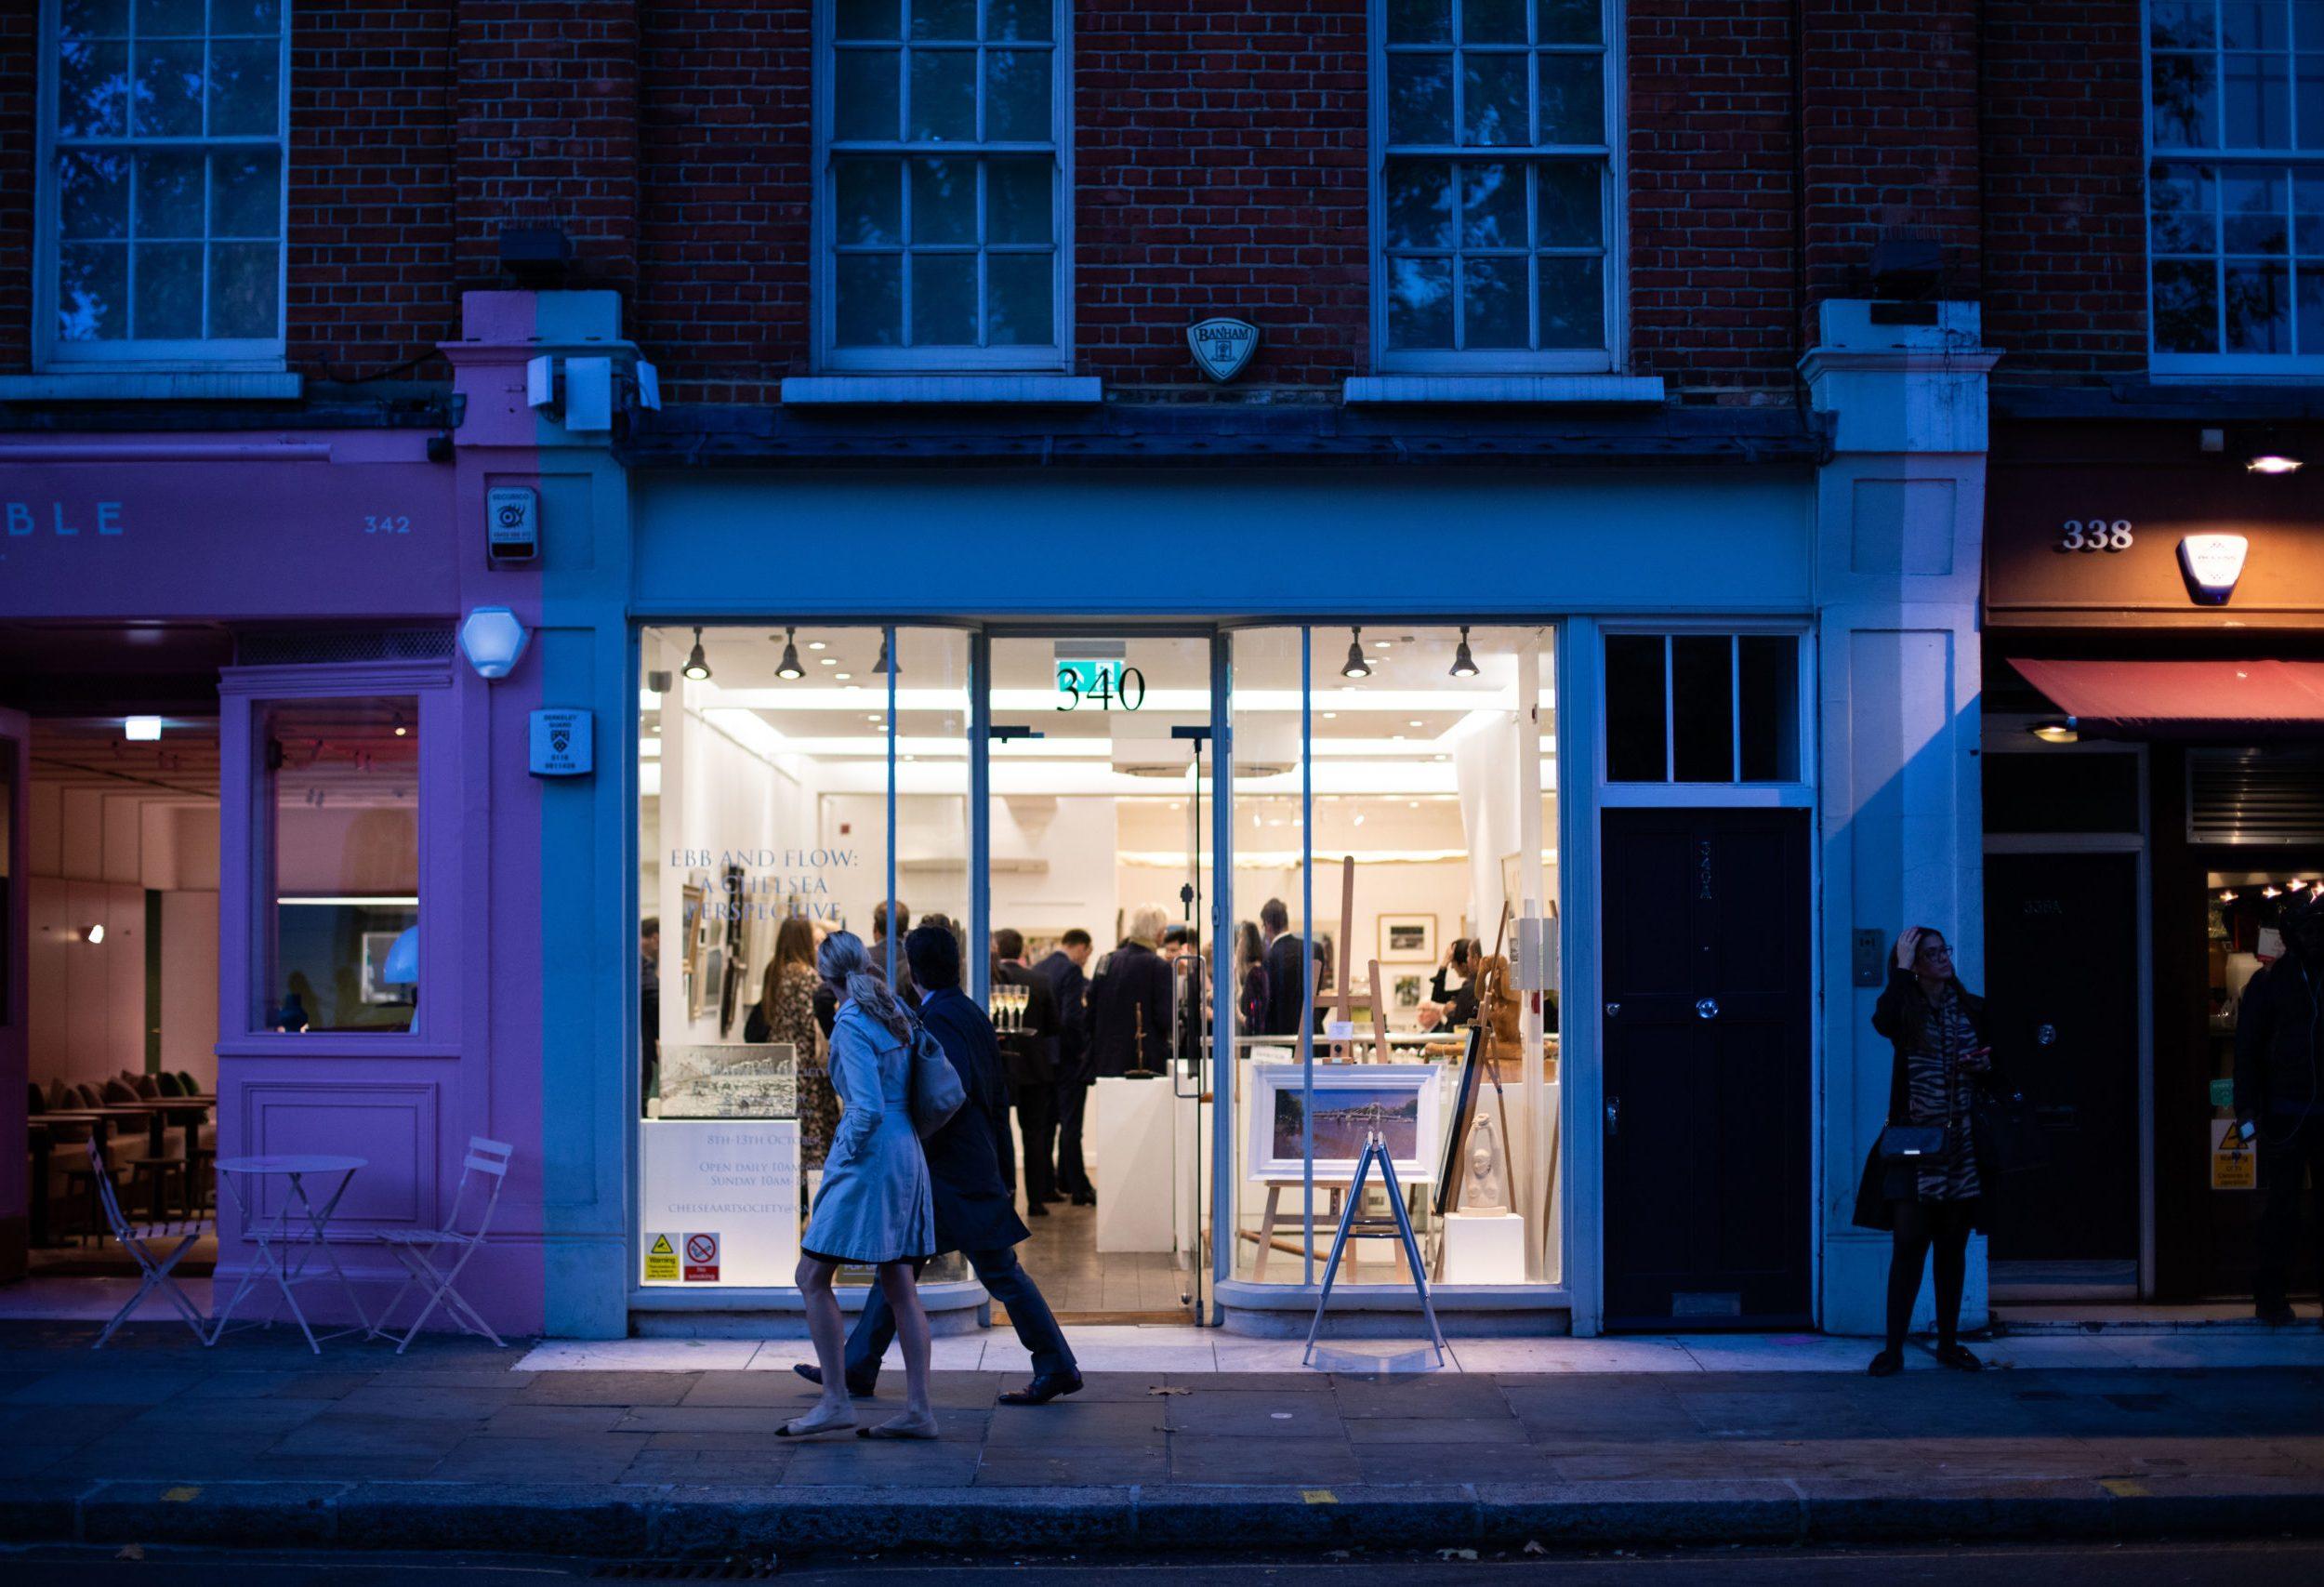 Art gallery at night at 340 King's Road